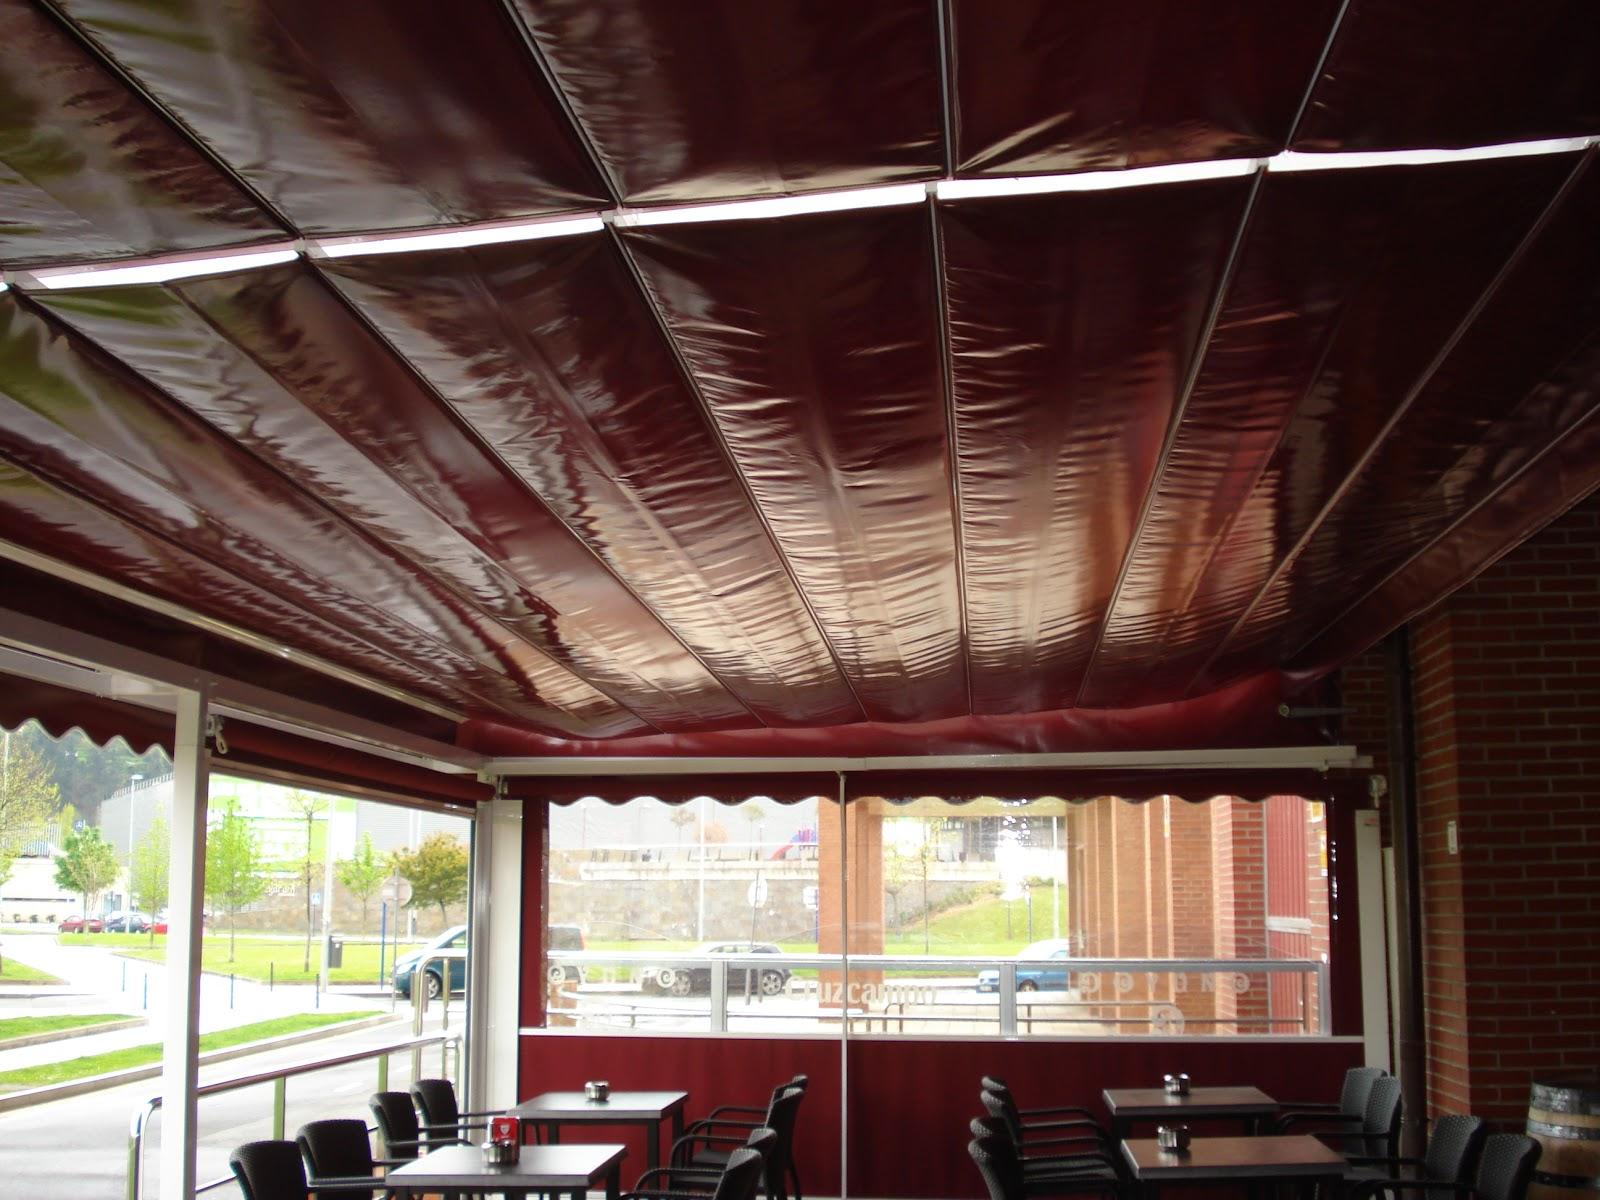 Terrazas climatizadas para hosteleria terrazas toldos - Toldos terrazas bares ...